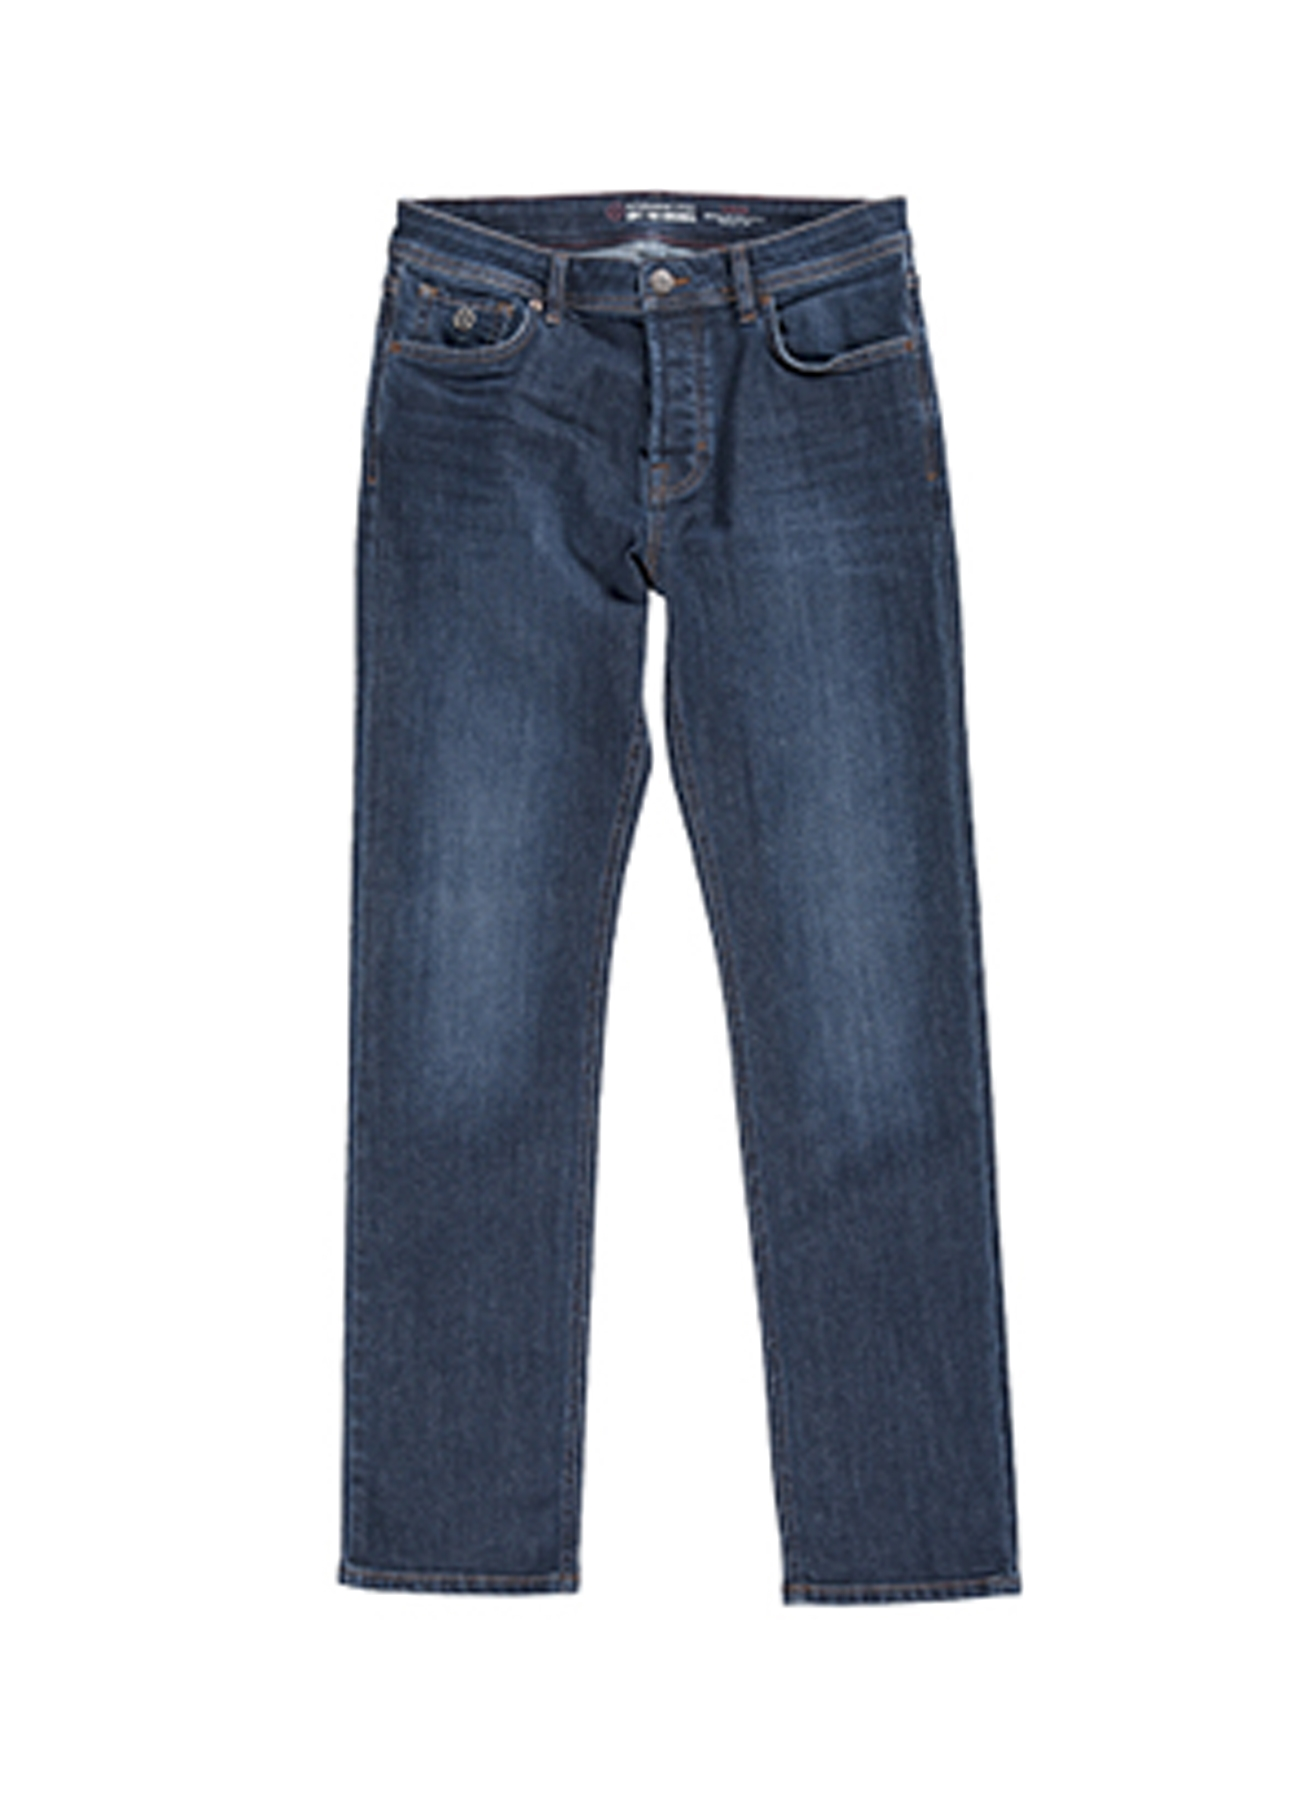 Loft Denim Pantolon 38-32 5000201935016 Ürün Resmi